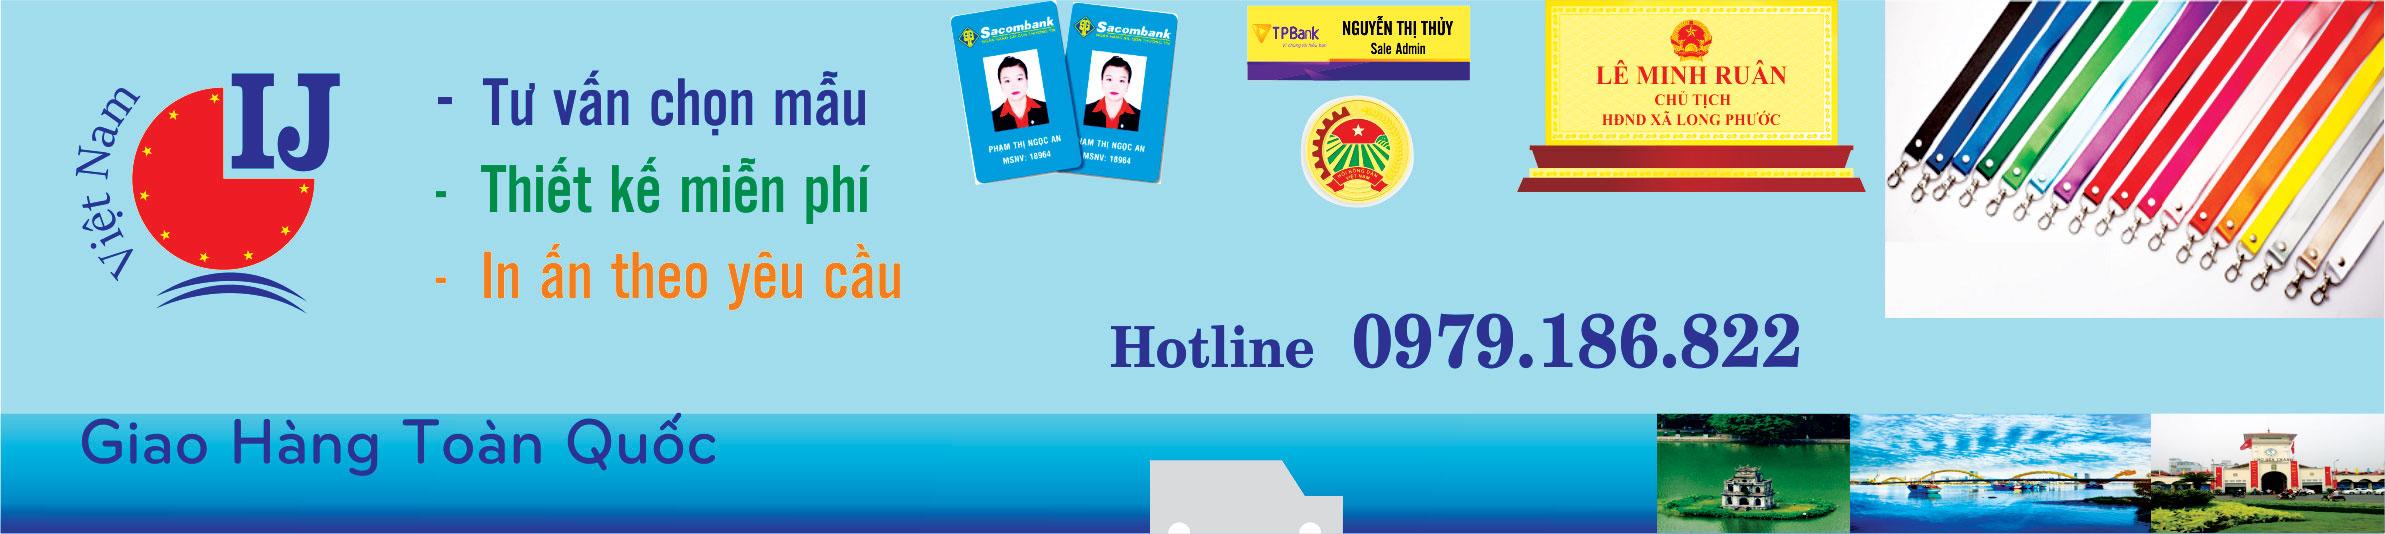 Thẻ đồng- Thẻ nhôm- Dây đeo thẻ-Thẻ nhân viên-Bảng chức danh để bàn-Thẻ thay tên-Thẻ nhựa-Bảng tên- Nhũ thẻ cào-Huy hiệu cài áo-YOYO-Bao đeo thẻ-Bao da-Bao nhựa-Biển mica-biển đồng-Dây đeo thẻ học sinh-Day đeo thẻ hội trợ triển lãm-Card visit-Móc chìa khóa-Nhãn thẻ cào-In áo đồng phục-Thẻ tên nam châm-Thẻ tên ghi cài-Thẻ từ